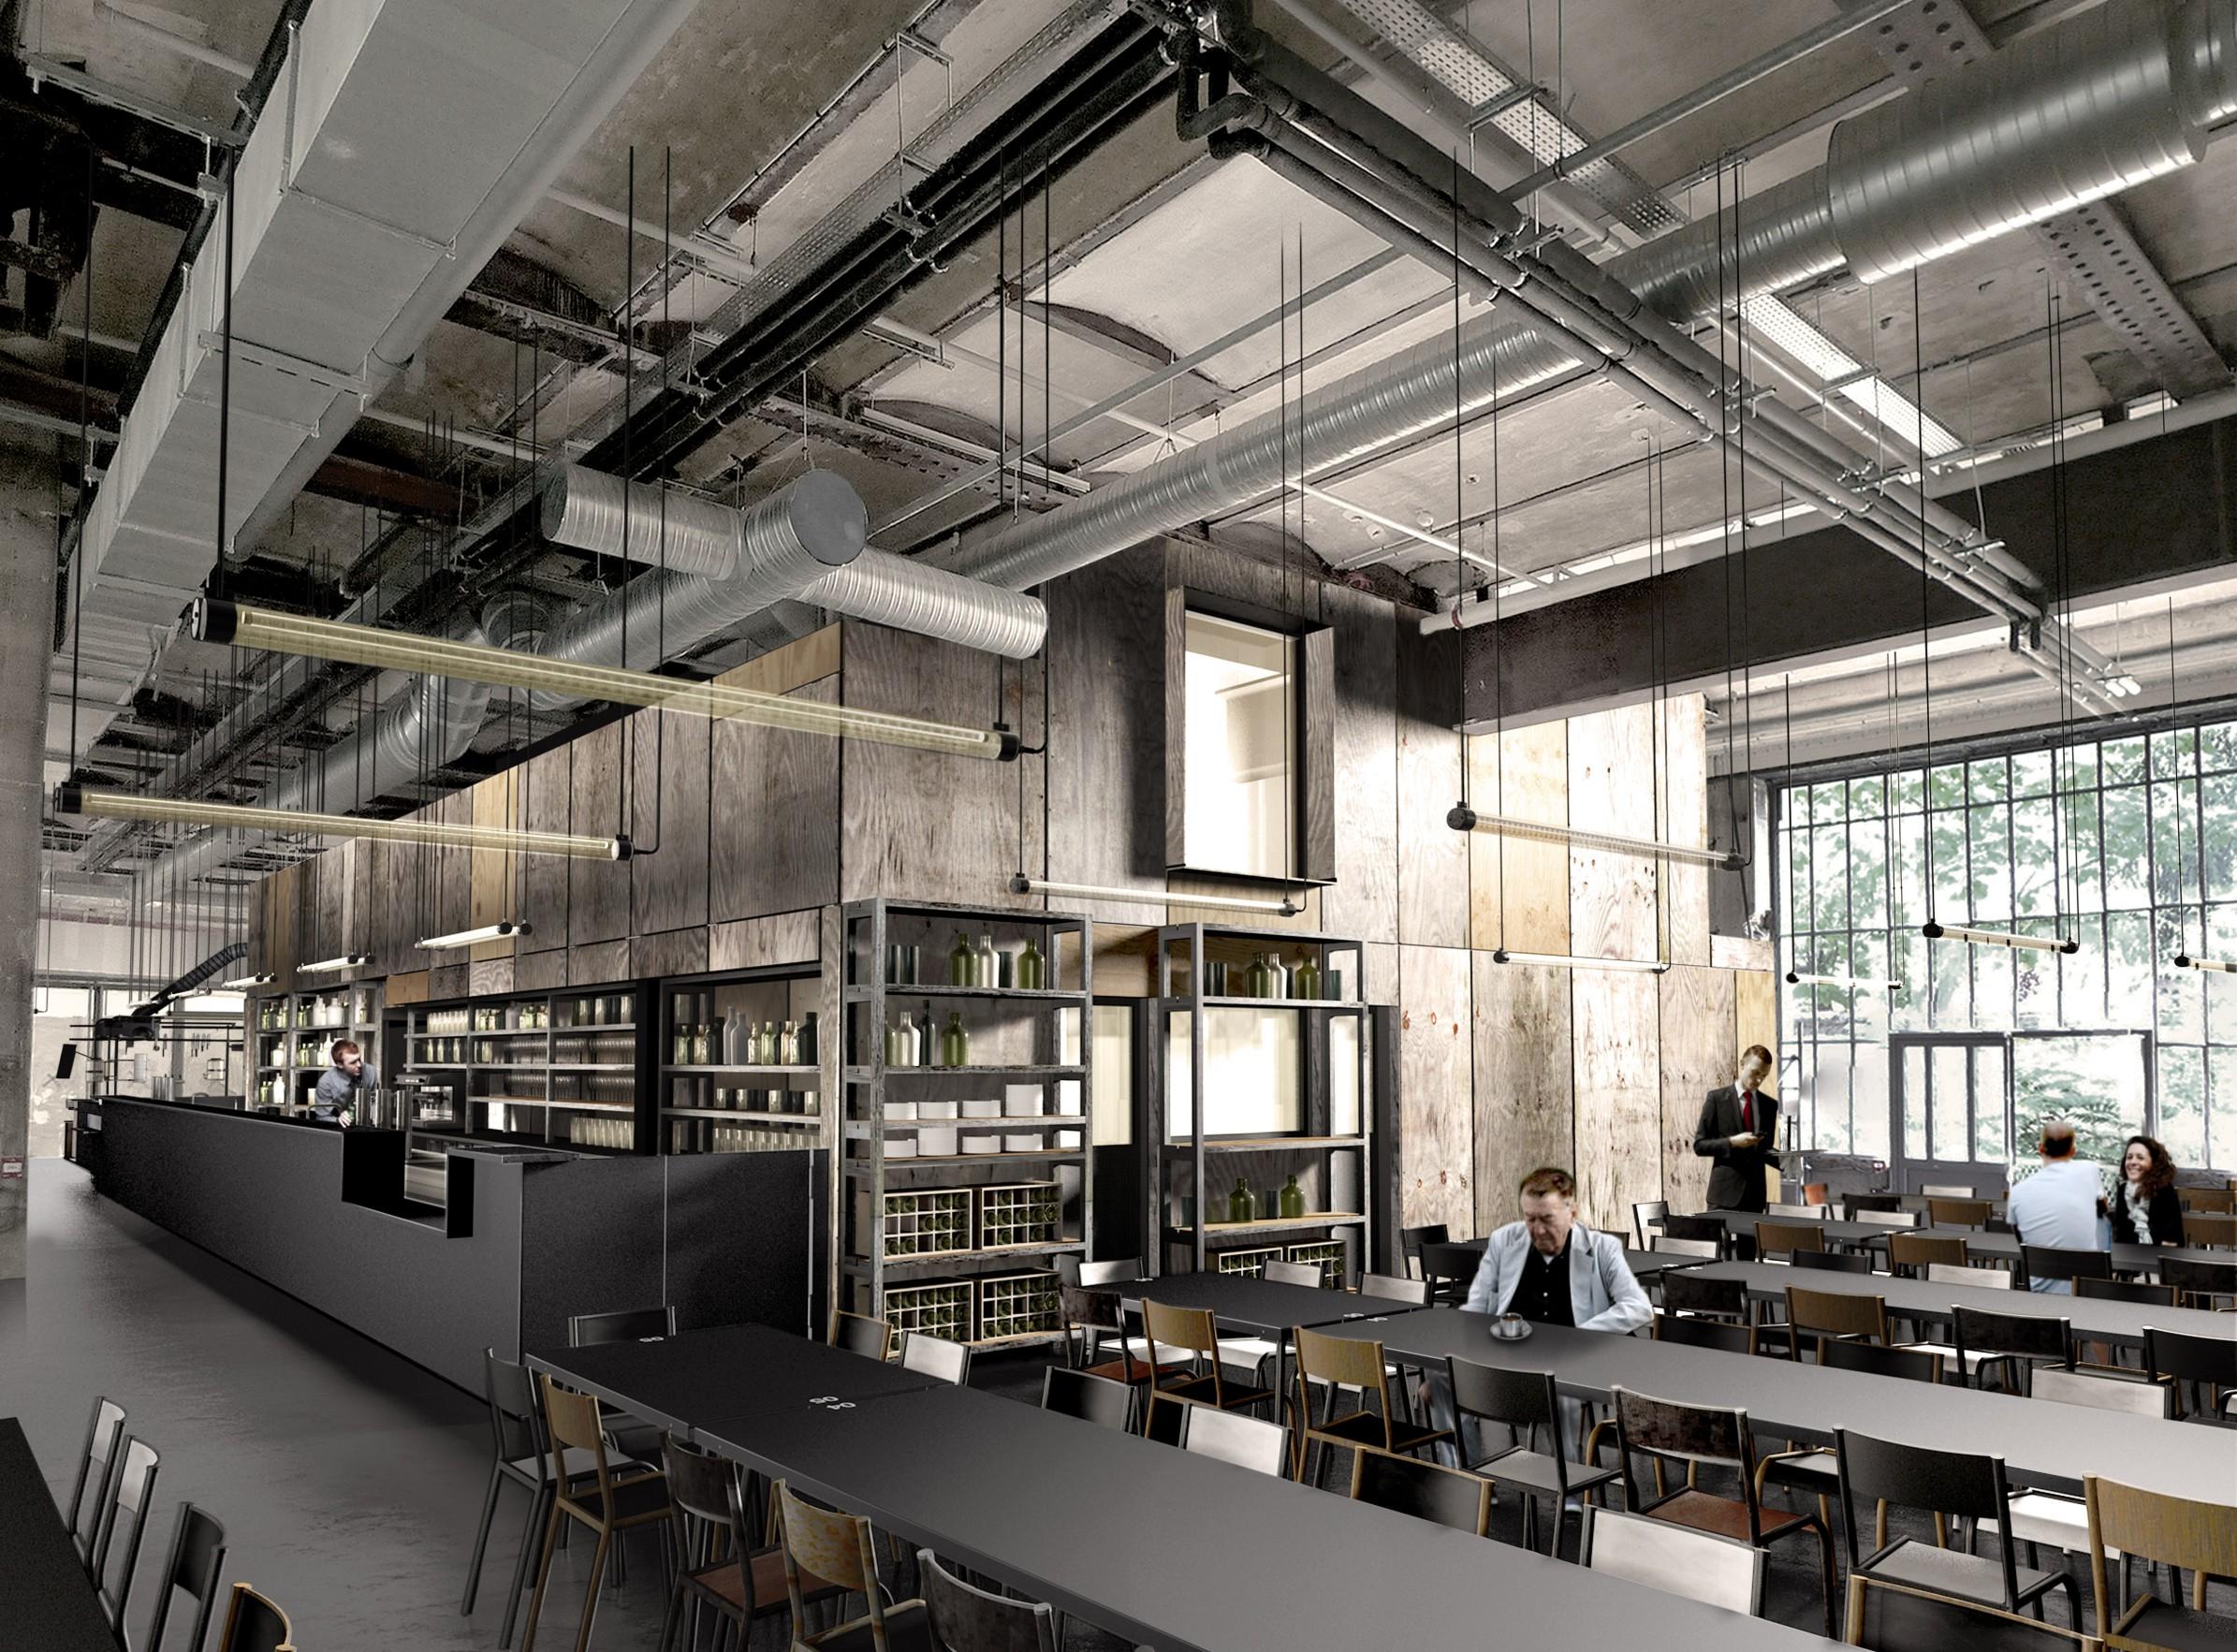 Grandes Tables 104 - 04 - Équipements Bureau - Caractère Spécial - Matthieu Poitevin Architecture